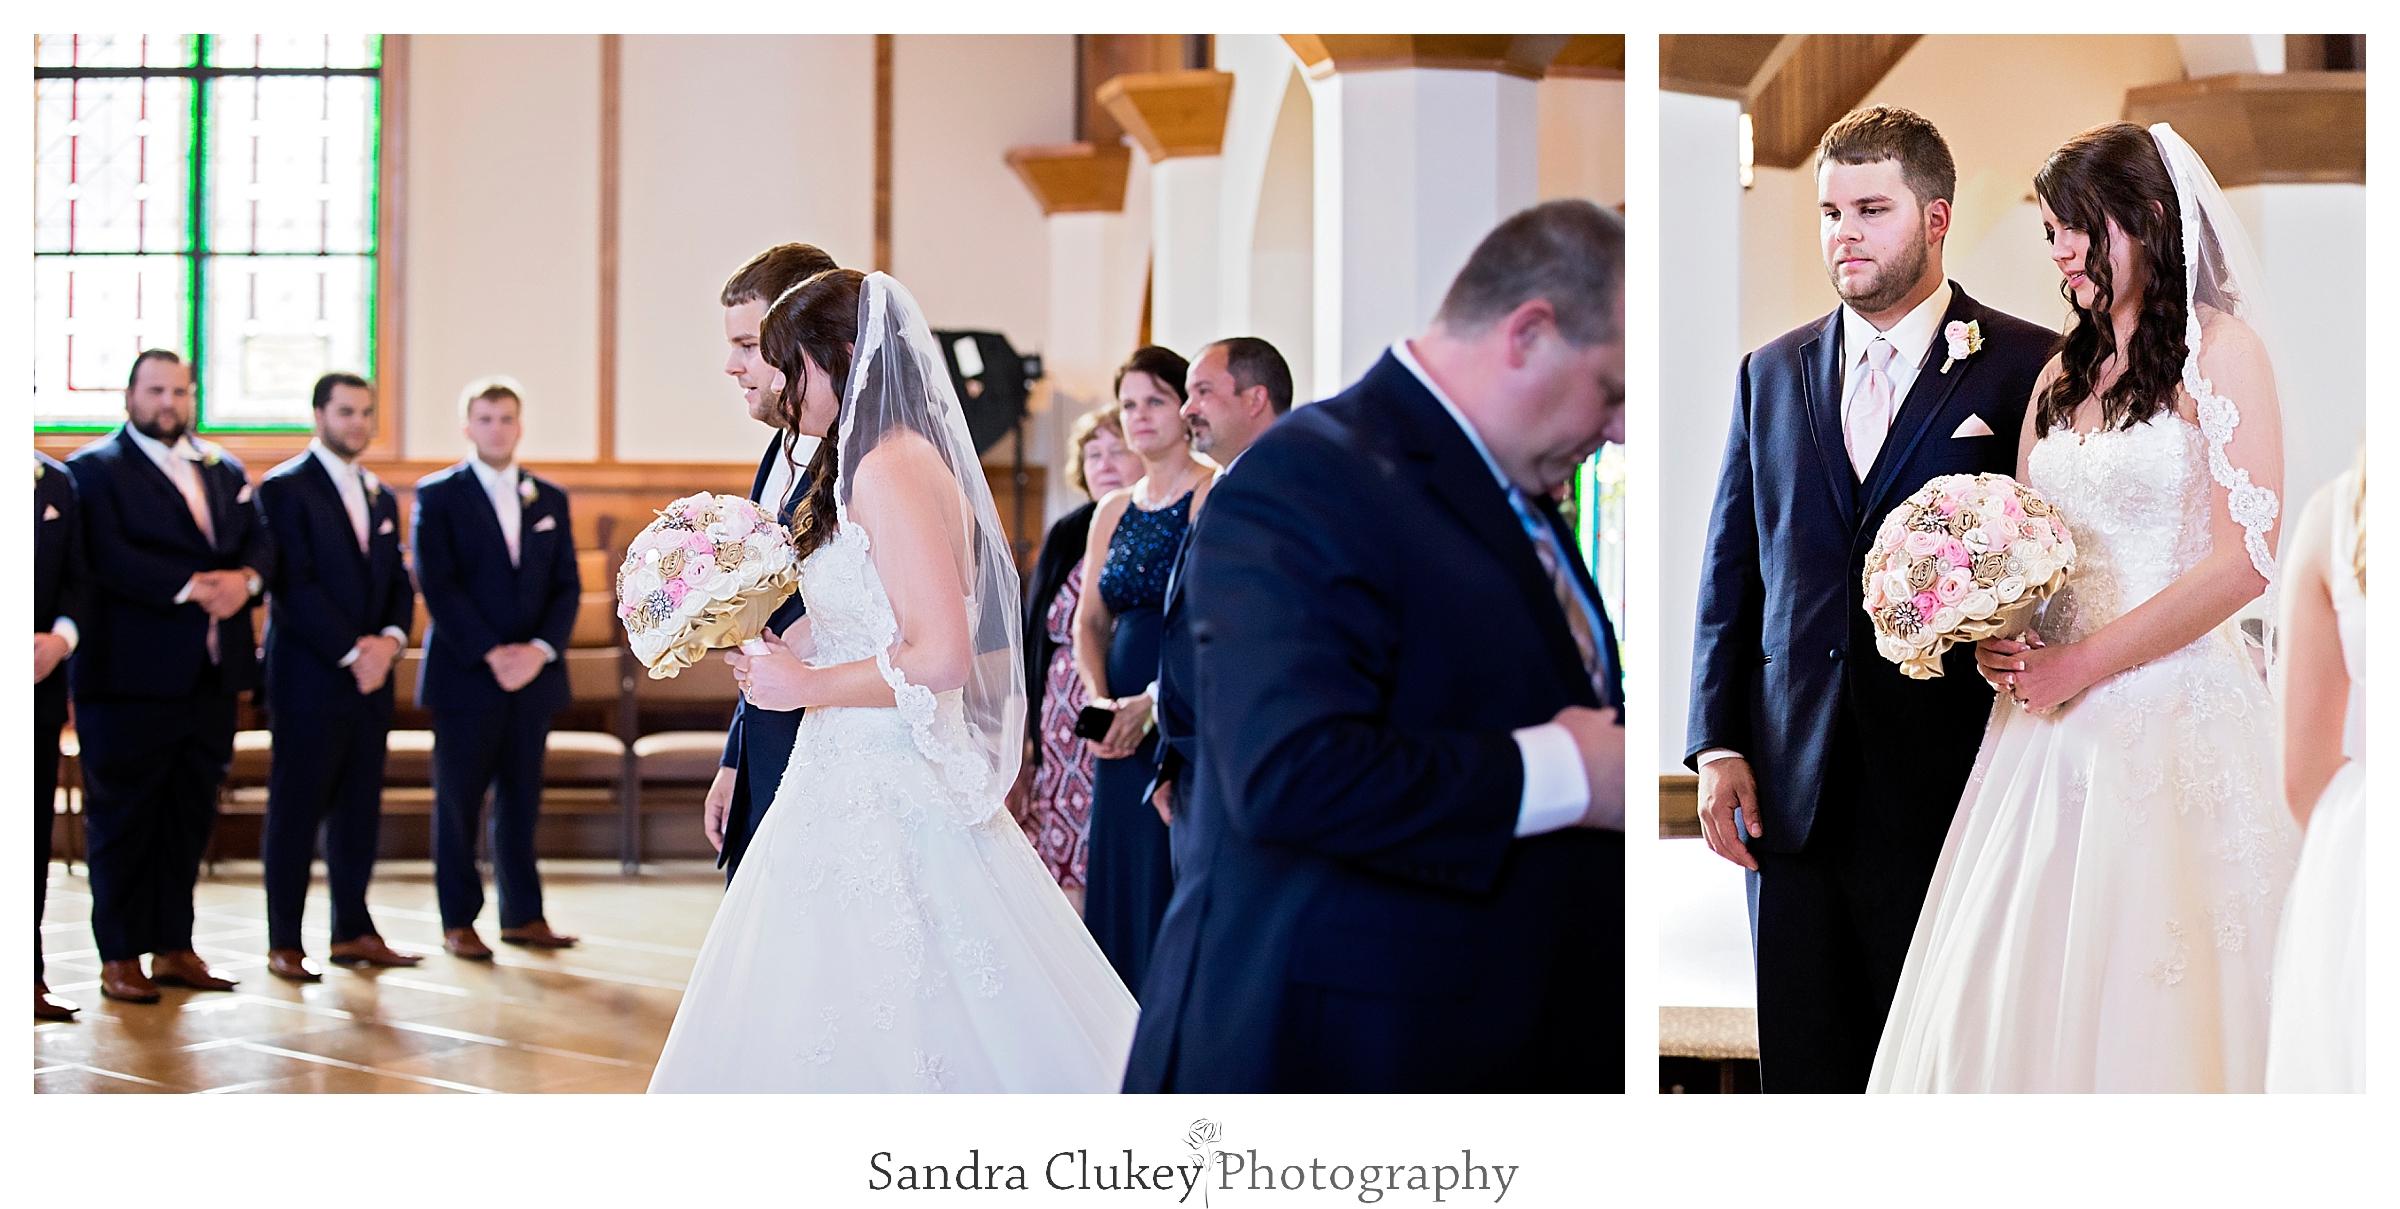 Sandra Clukey Photography_1671.jpg